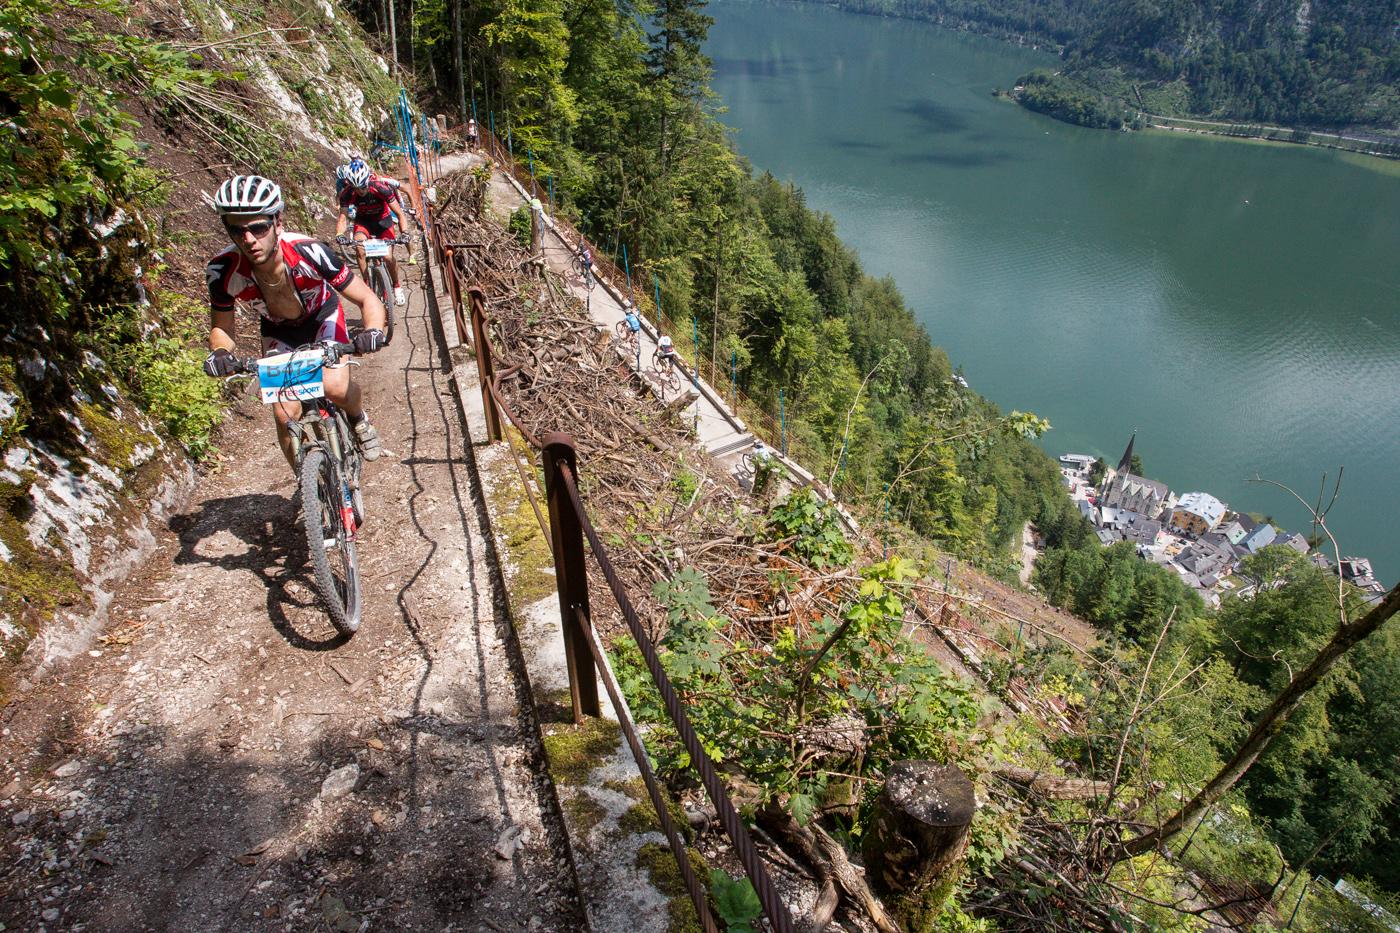 Weil ein verklauster Wildbach 2013 eine Spur der Verwüstung durch den Wald bis in den Hallstätter Ortskern zog, ist das berühmte Weltkulturerbe neuerdings von den steilen Kehren des berüchtigten Salzbergs aus zu sehen.